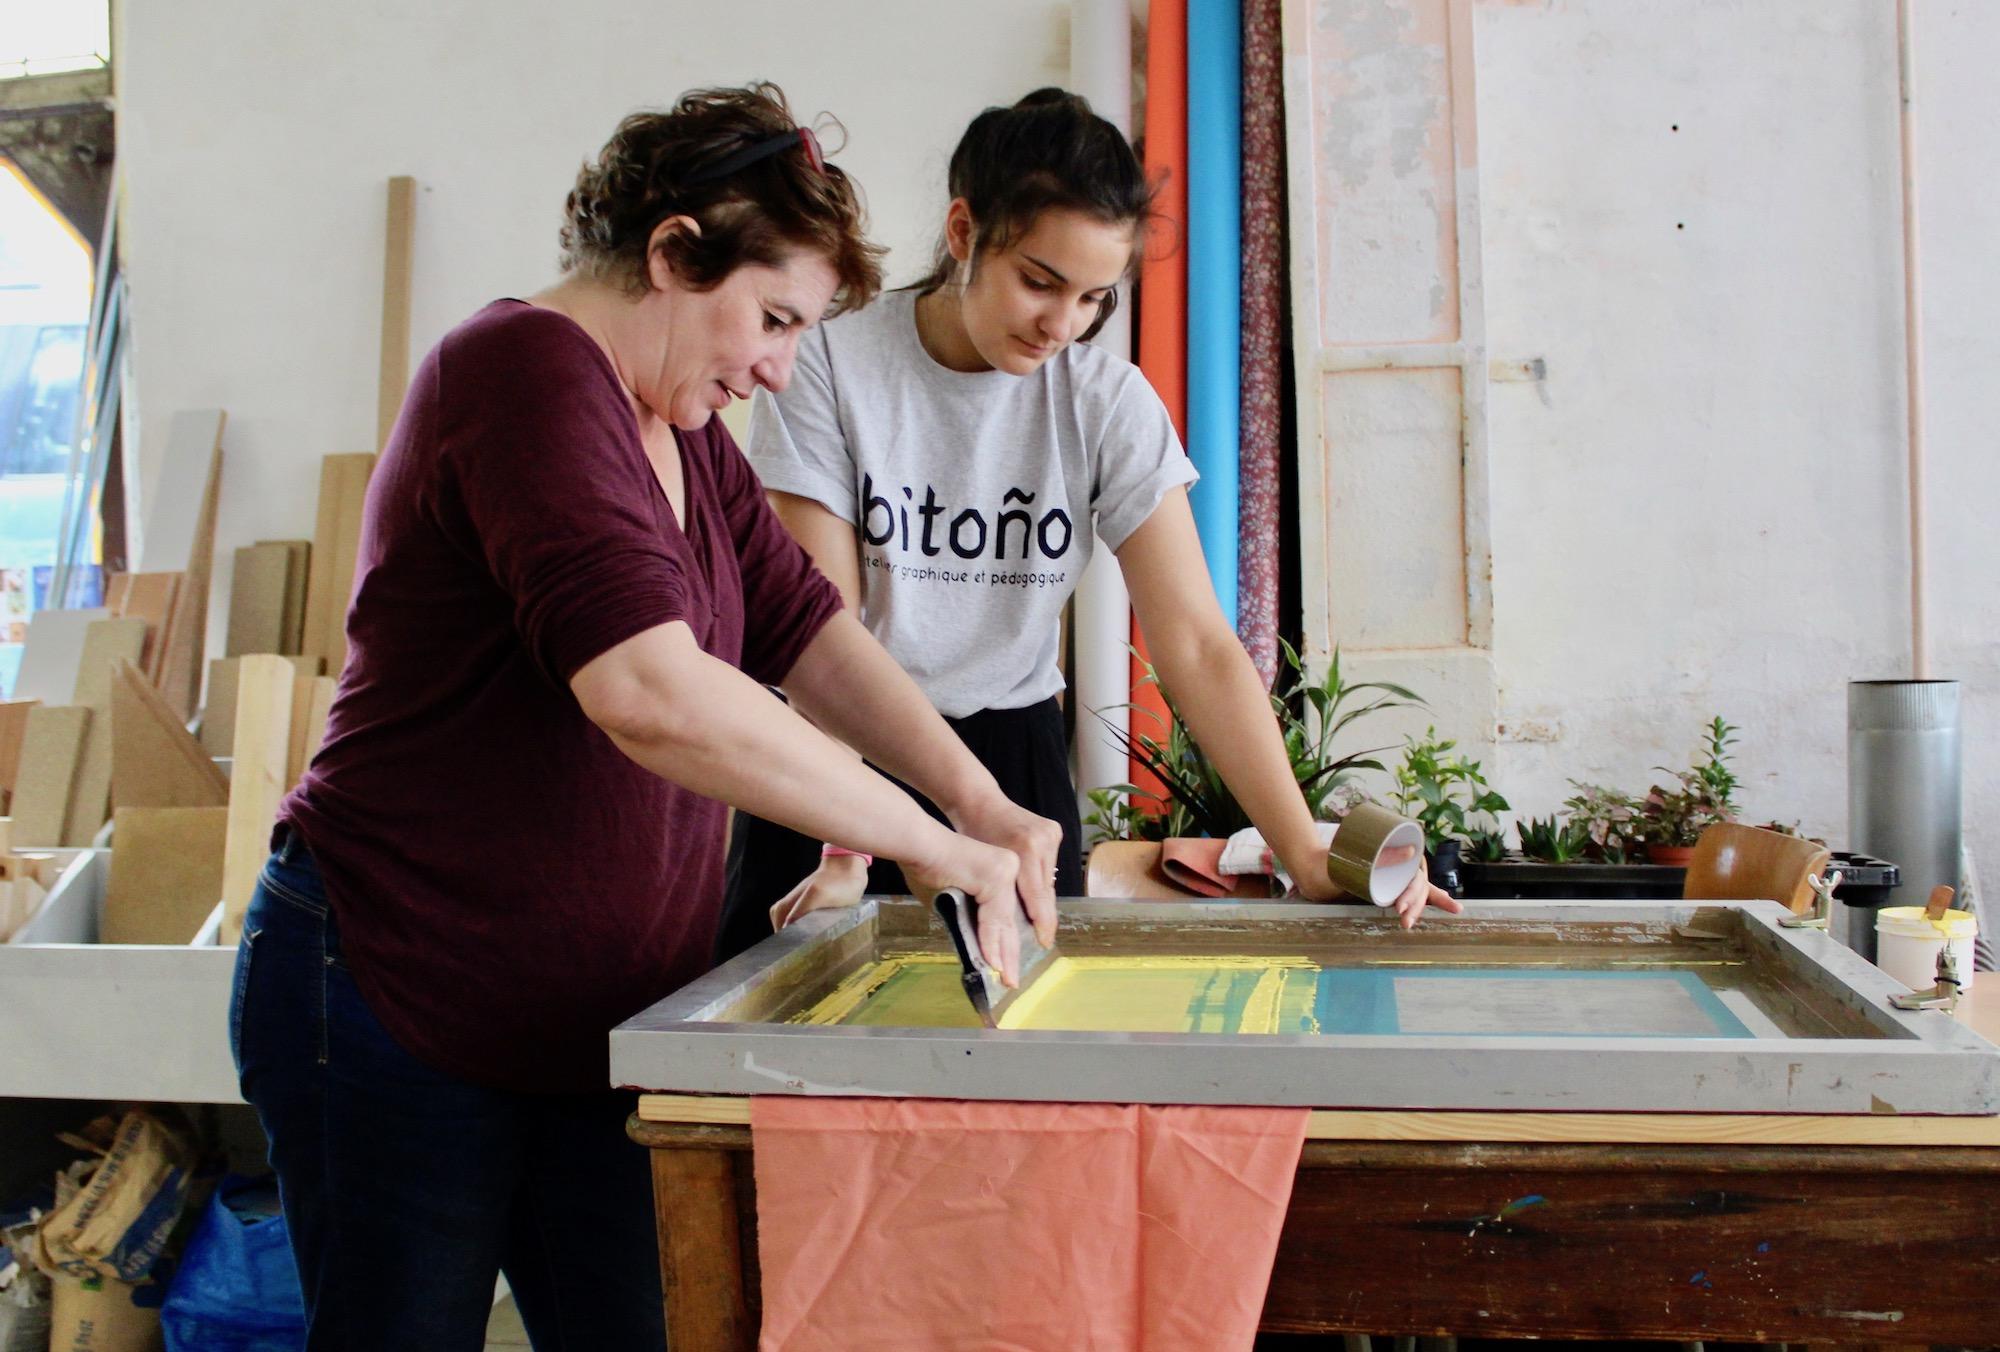 Entrevue : Maïlys & Laura de l'atelier Bitoño